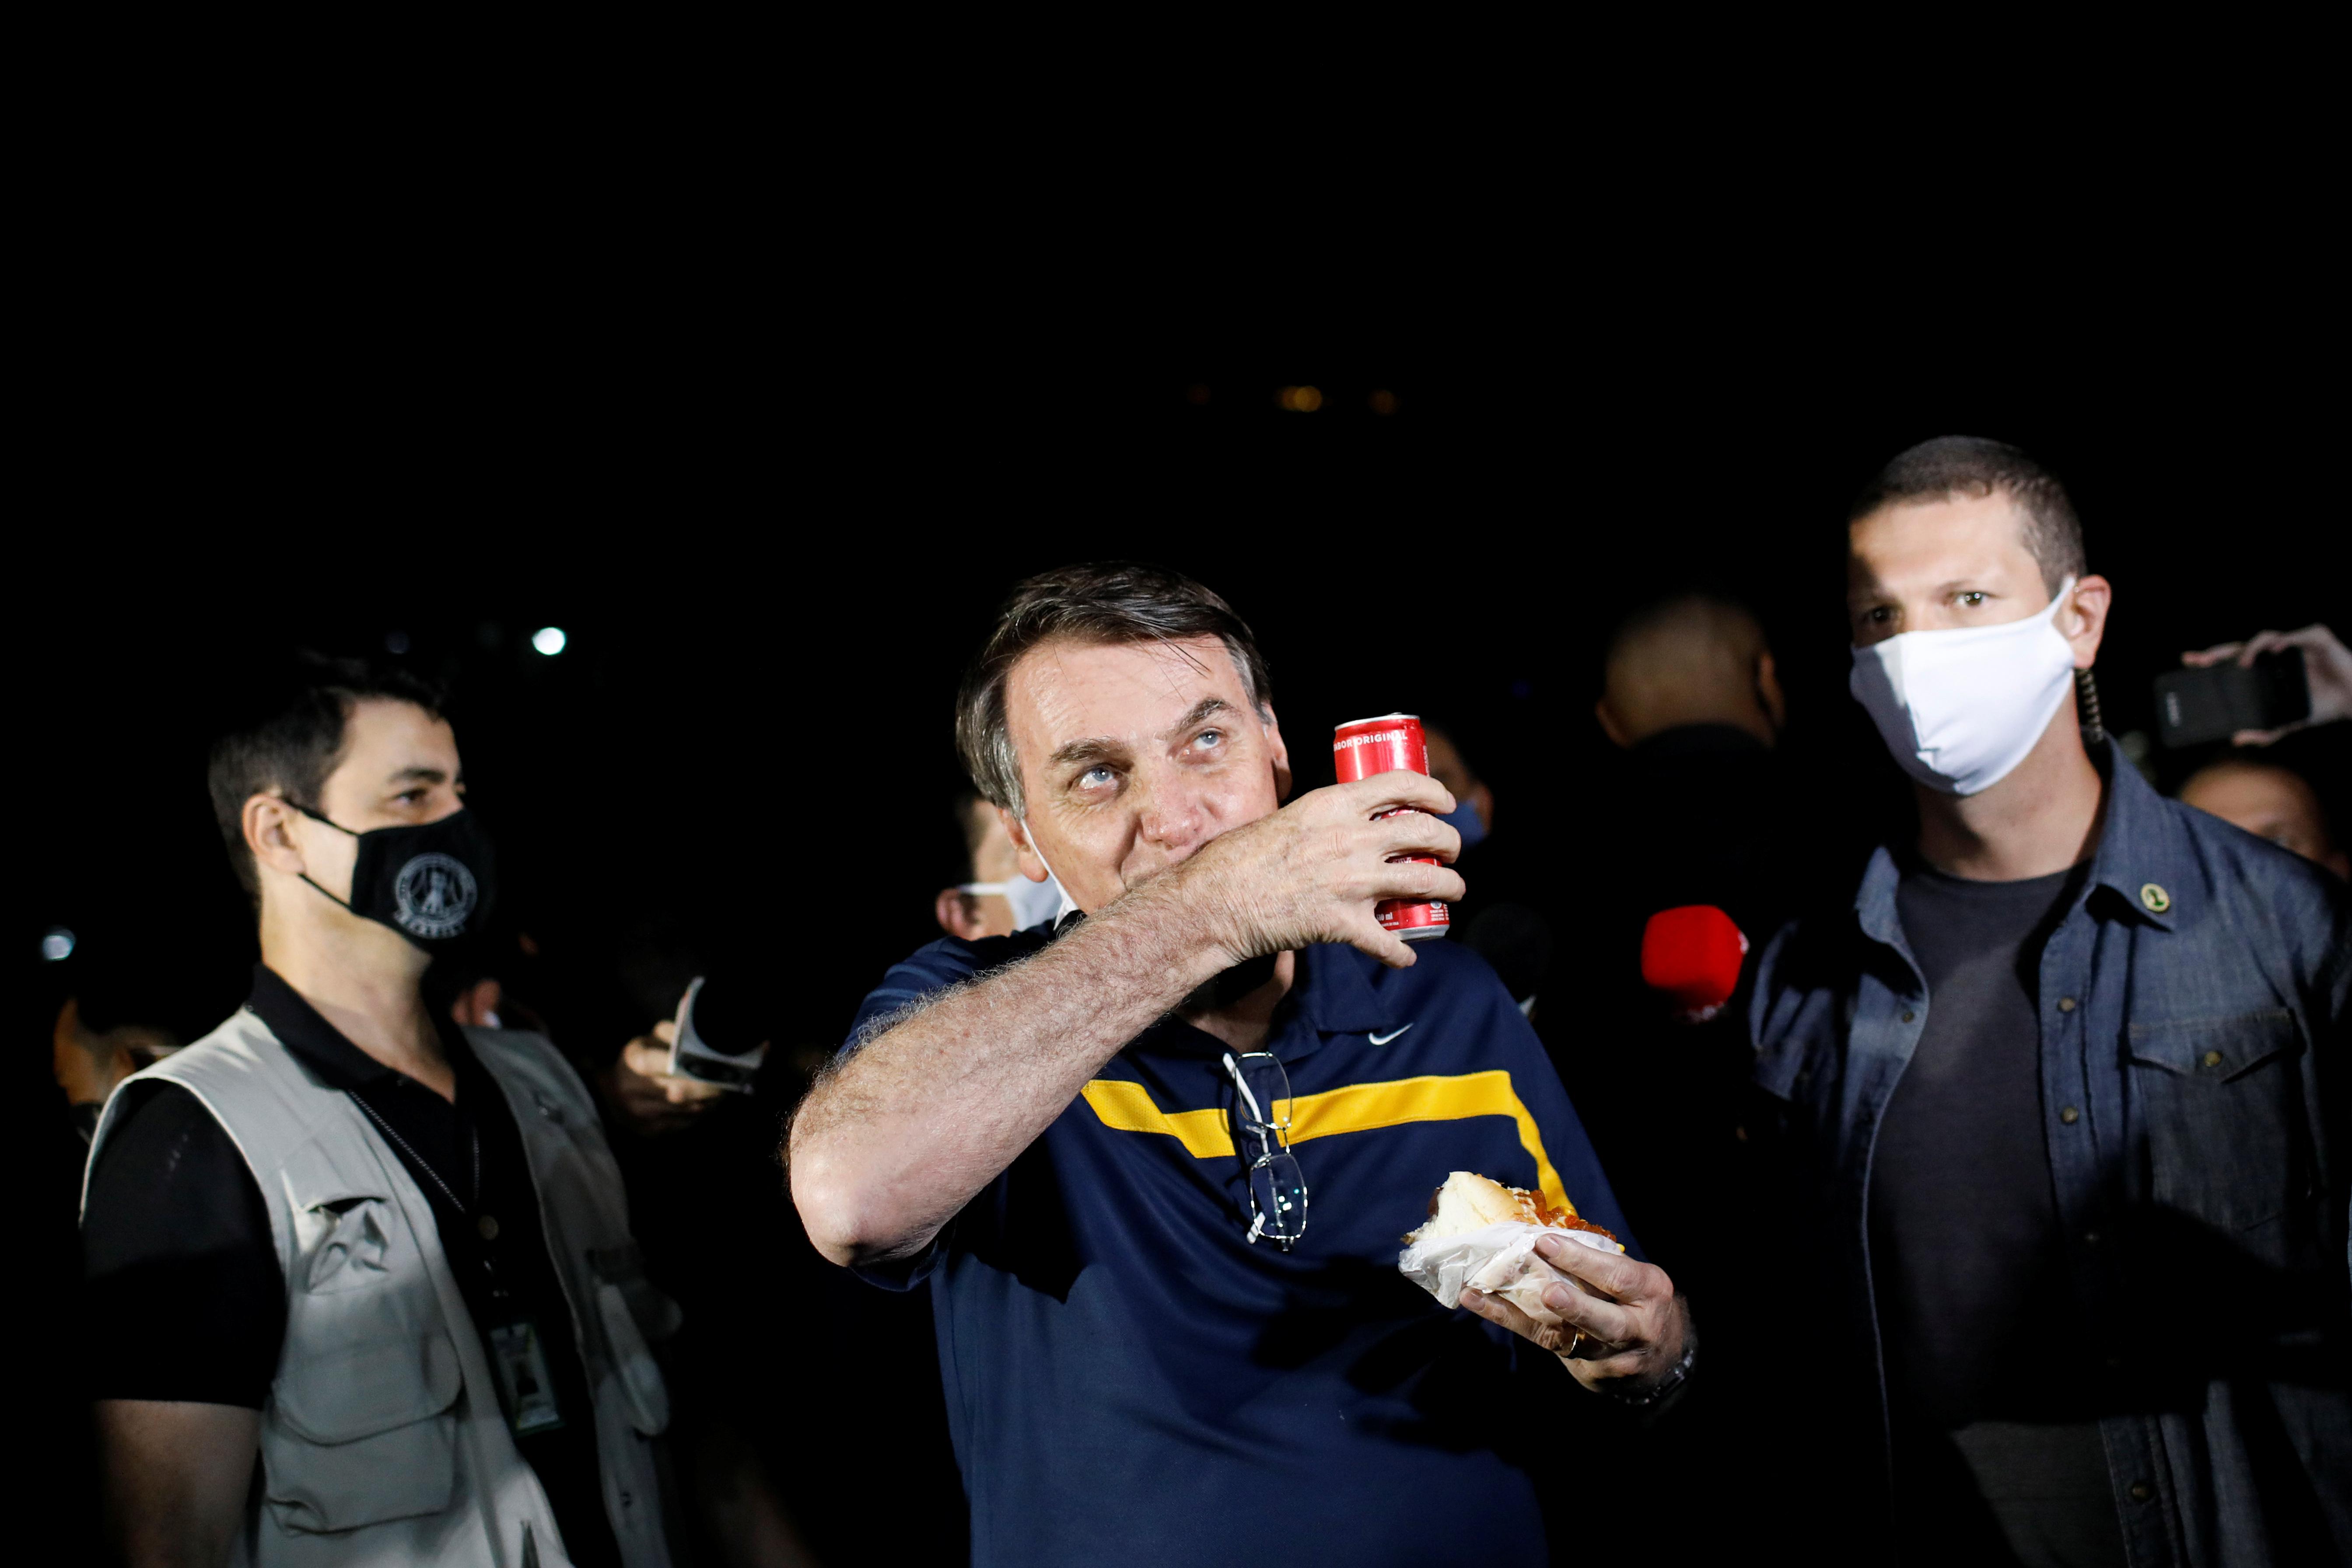 Nuevamente, el presidente Bolsonaro comiendo un hotdog, sin máscara y sin respetar la distancia social REUTERS/Adriano Machado